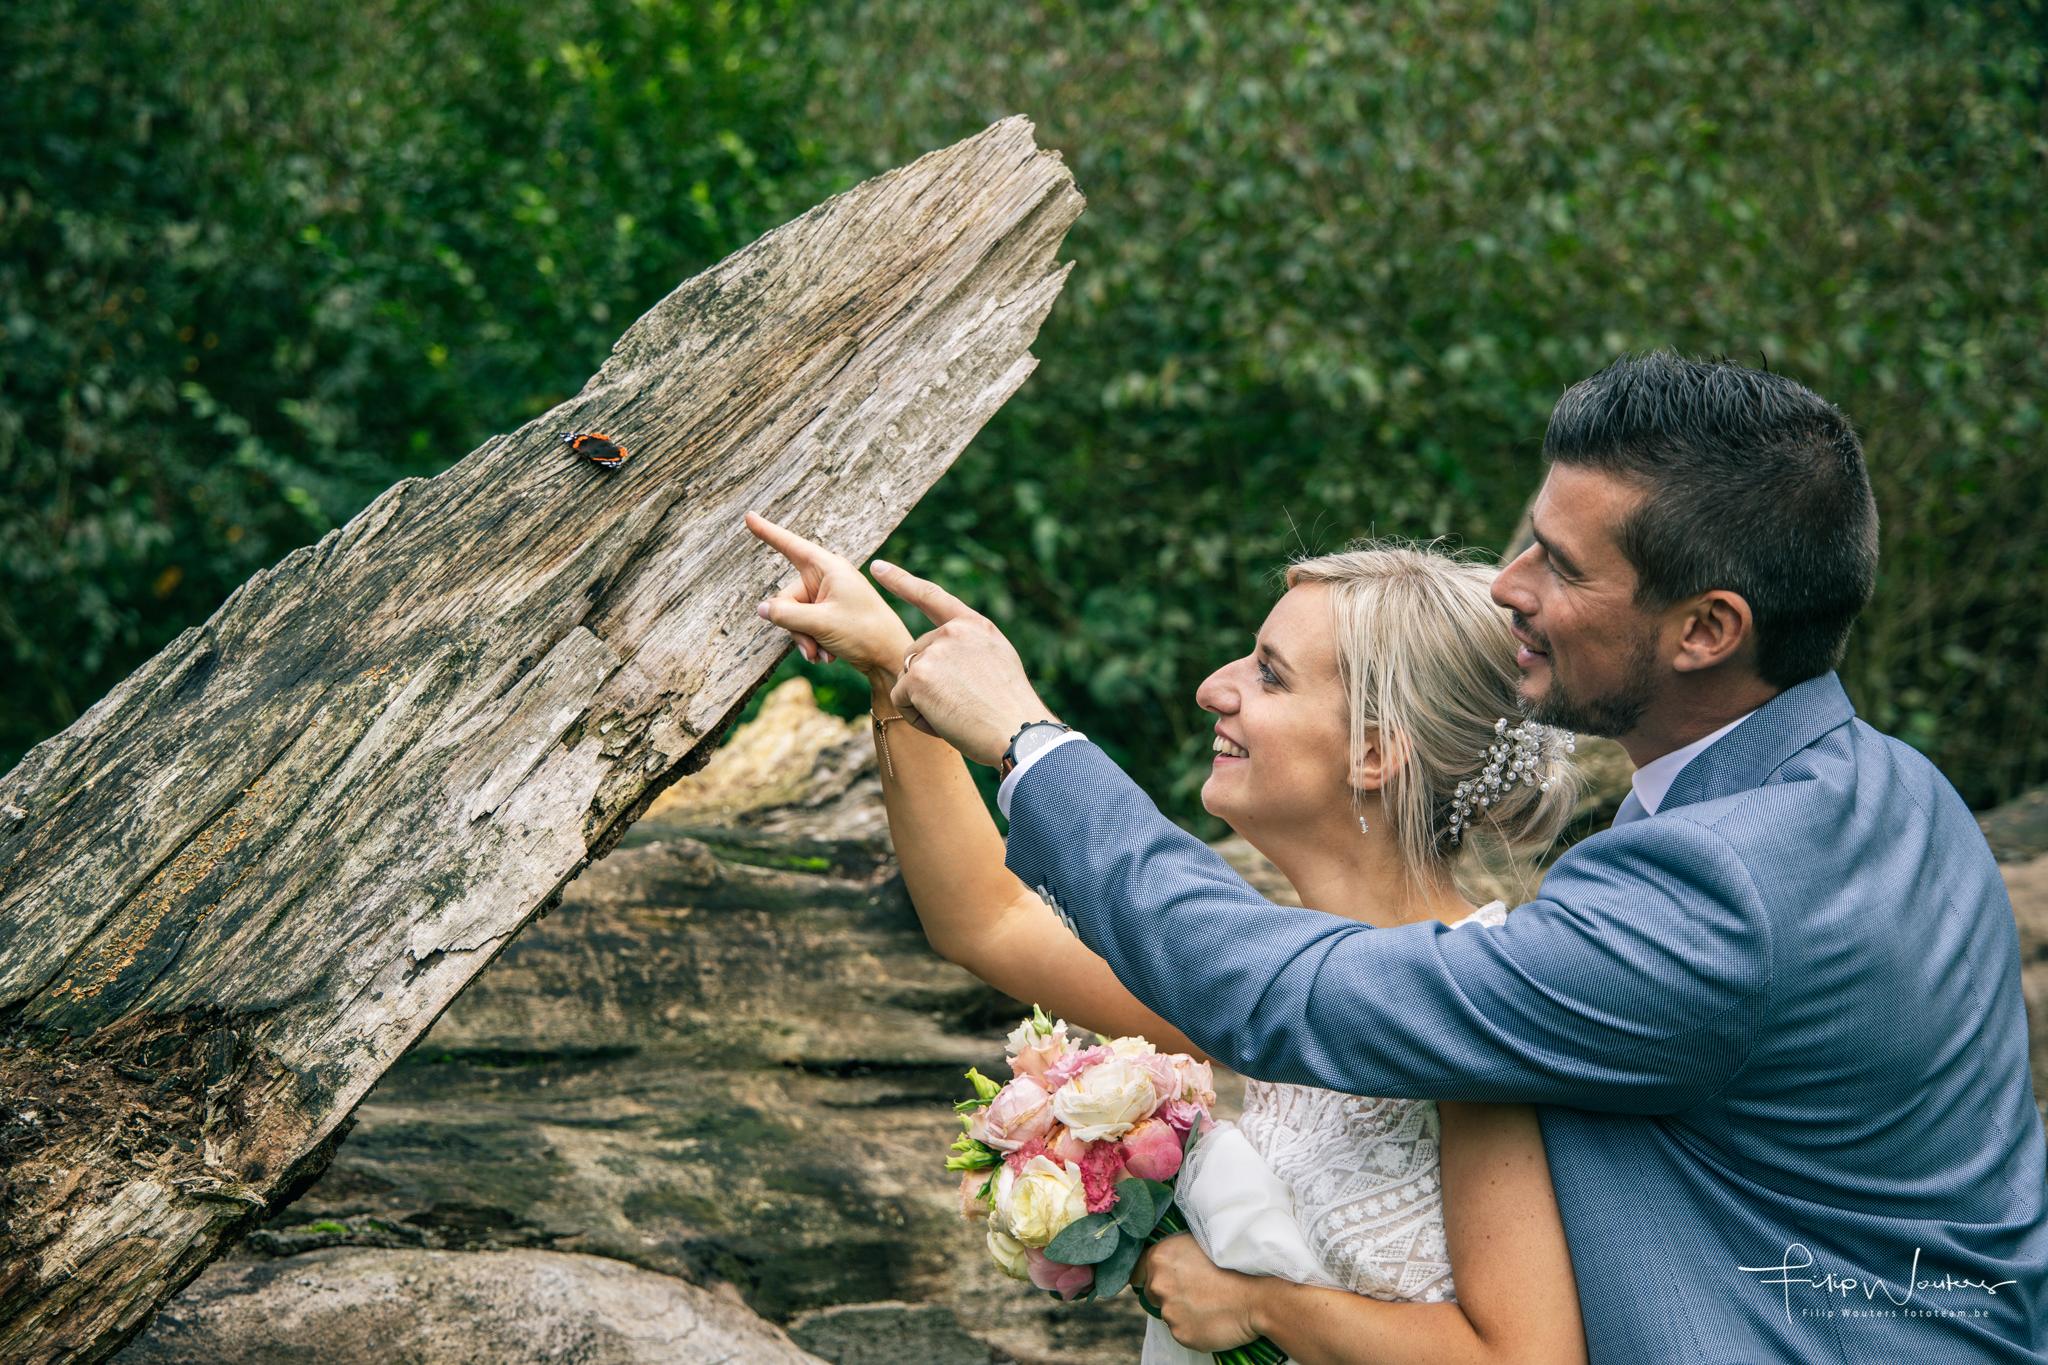 Huwelijksfotograaf Filip Wouters 21